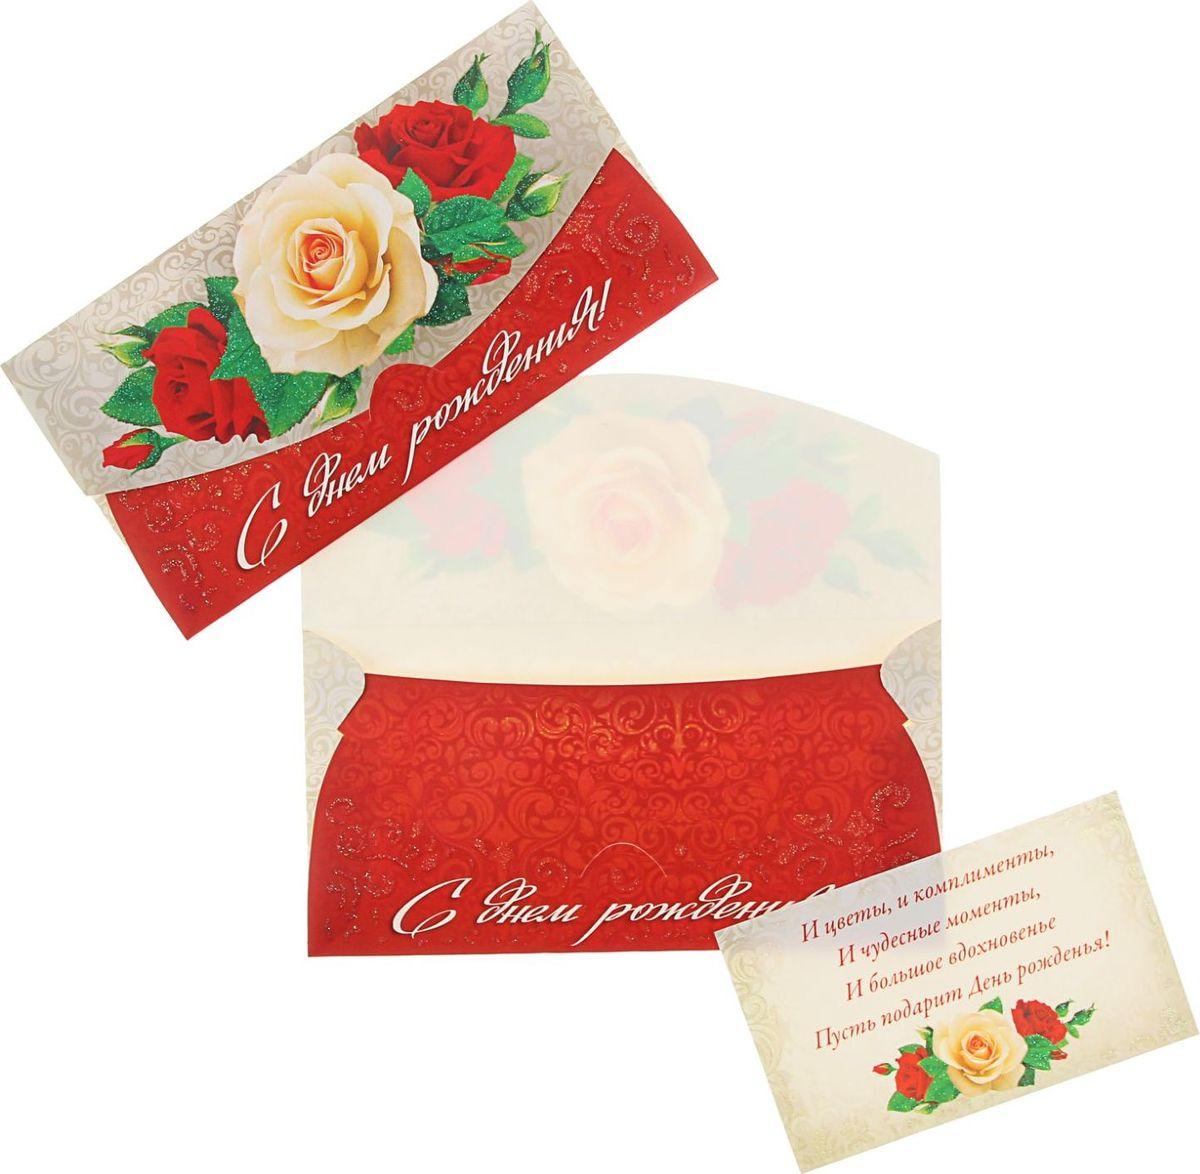 Конверт для денег Русский дизайн С Днем Рождения! Красные и белые розы, 16,5 х 8,5 см1418522Невозможно представить нашу жизнь без праздников! Мы всегда ждём их и предвкушаем, обдумываем, как проведём памятный день, тщательно выбираем подарки и аксессуары, ведь именно они создают и поддерживают торжественный настрой. Этот конверт для денег - отличный выбор, который привнесёт атмосферу праздника в ваш дом!